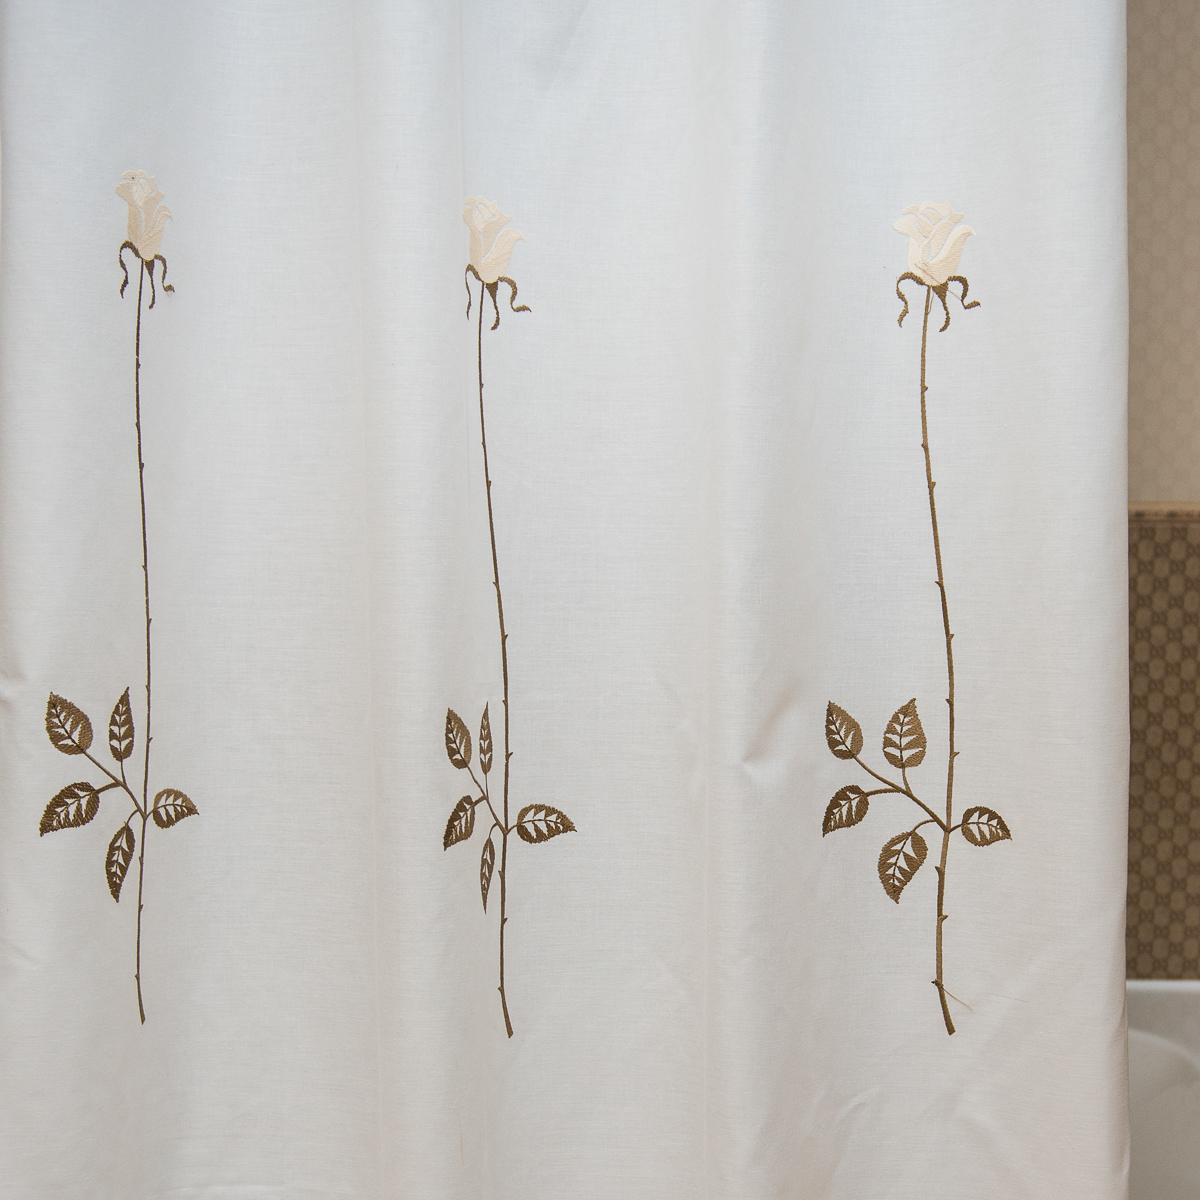 Шторки для ванной Шторка для ванной 180x200 Arti-Deco Rosas C. Beige elitnaya-shtorka-dlya-vannoy-rosas-c-beige-ot-arti-deco-ispaniya.jpg